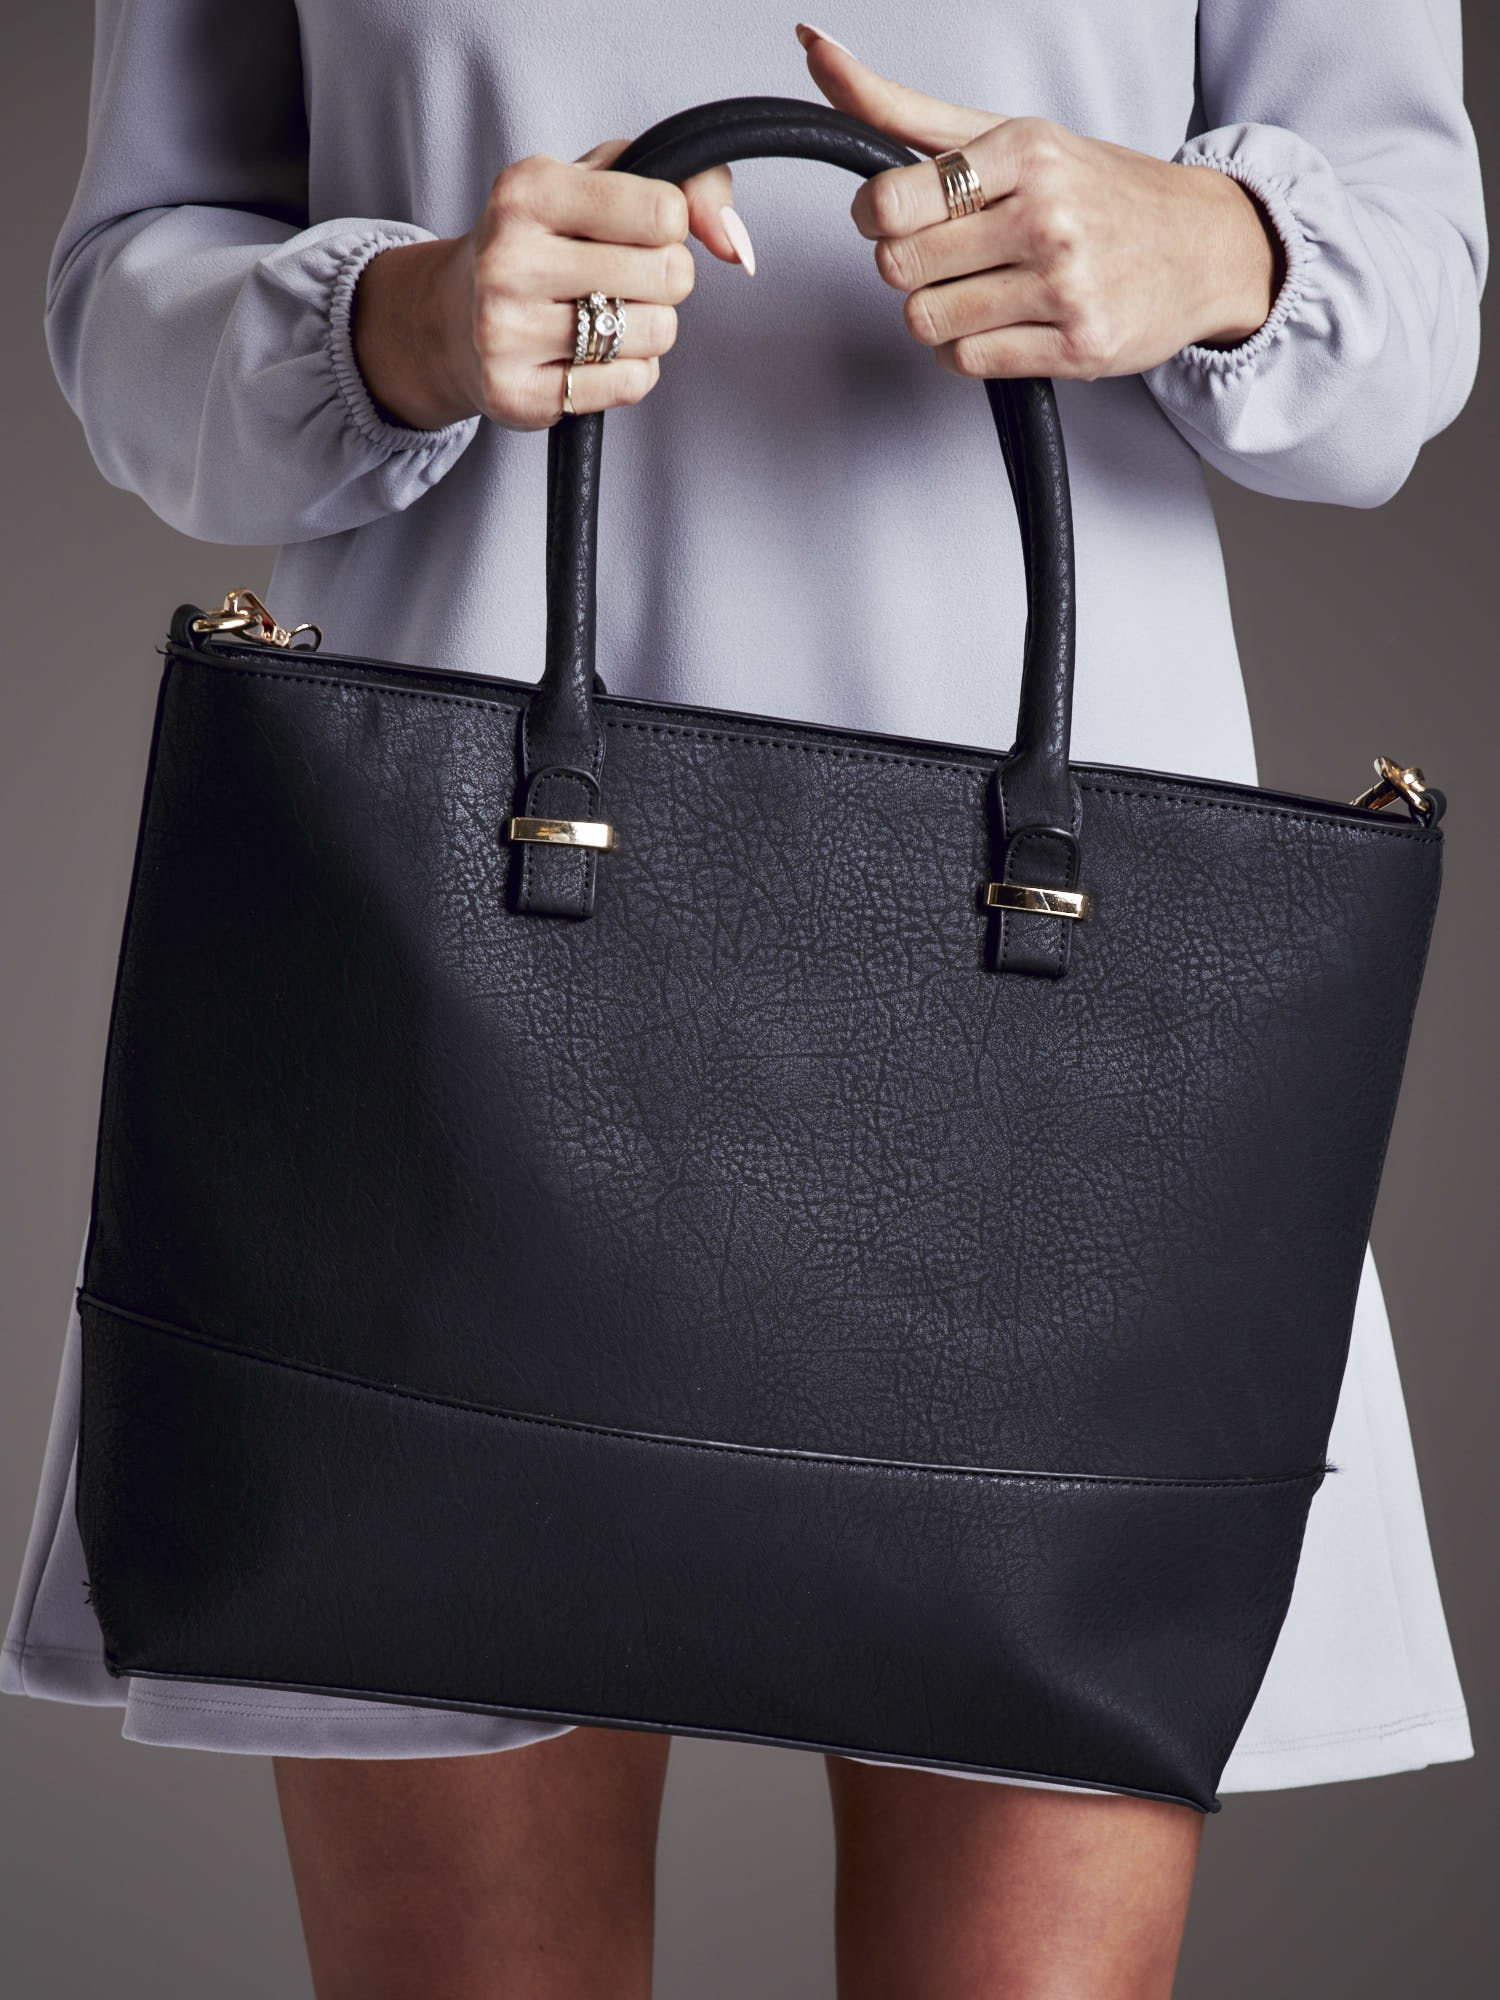 7e2bd94c39ced Gładka torba damska shopper czarna - Akcesoria torba - sklep eButik.pl